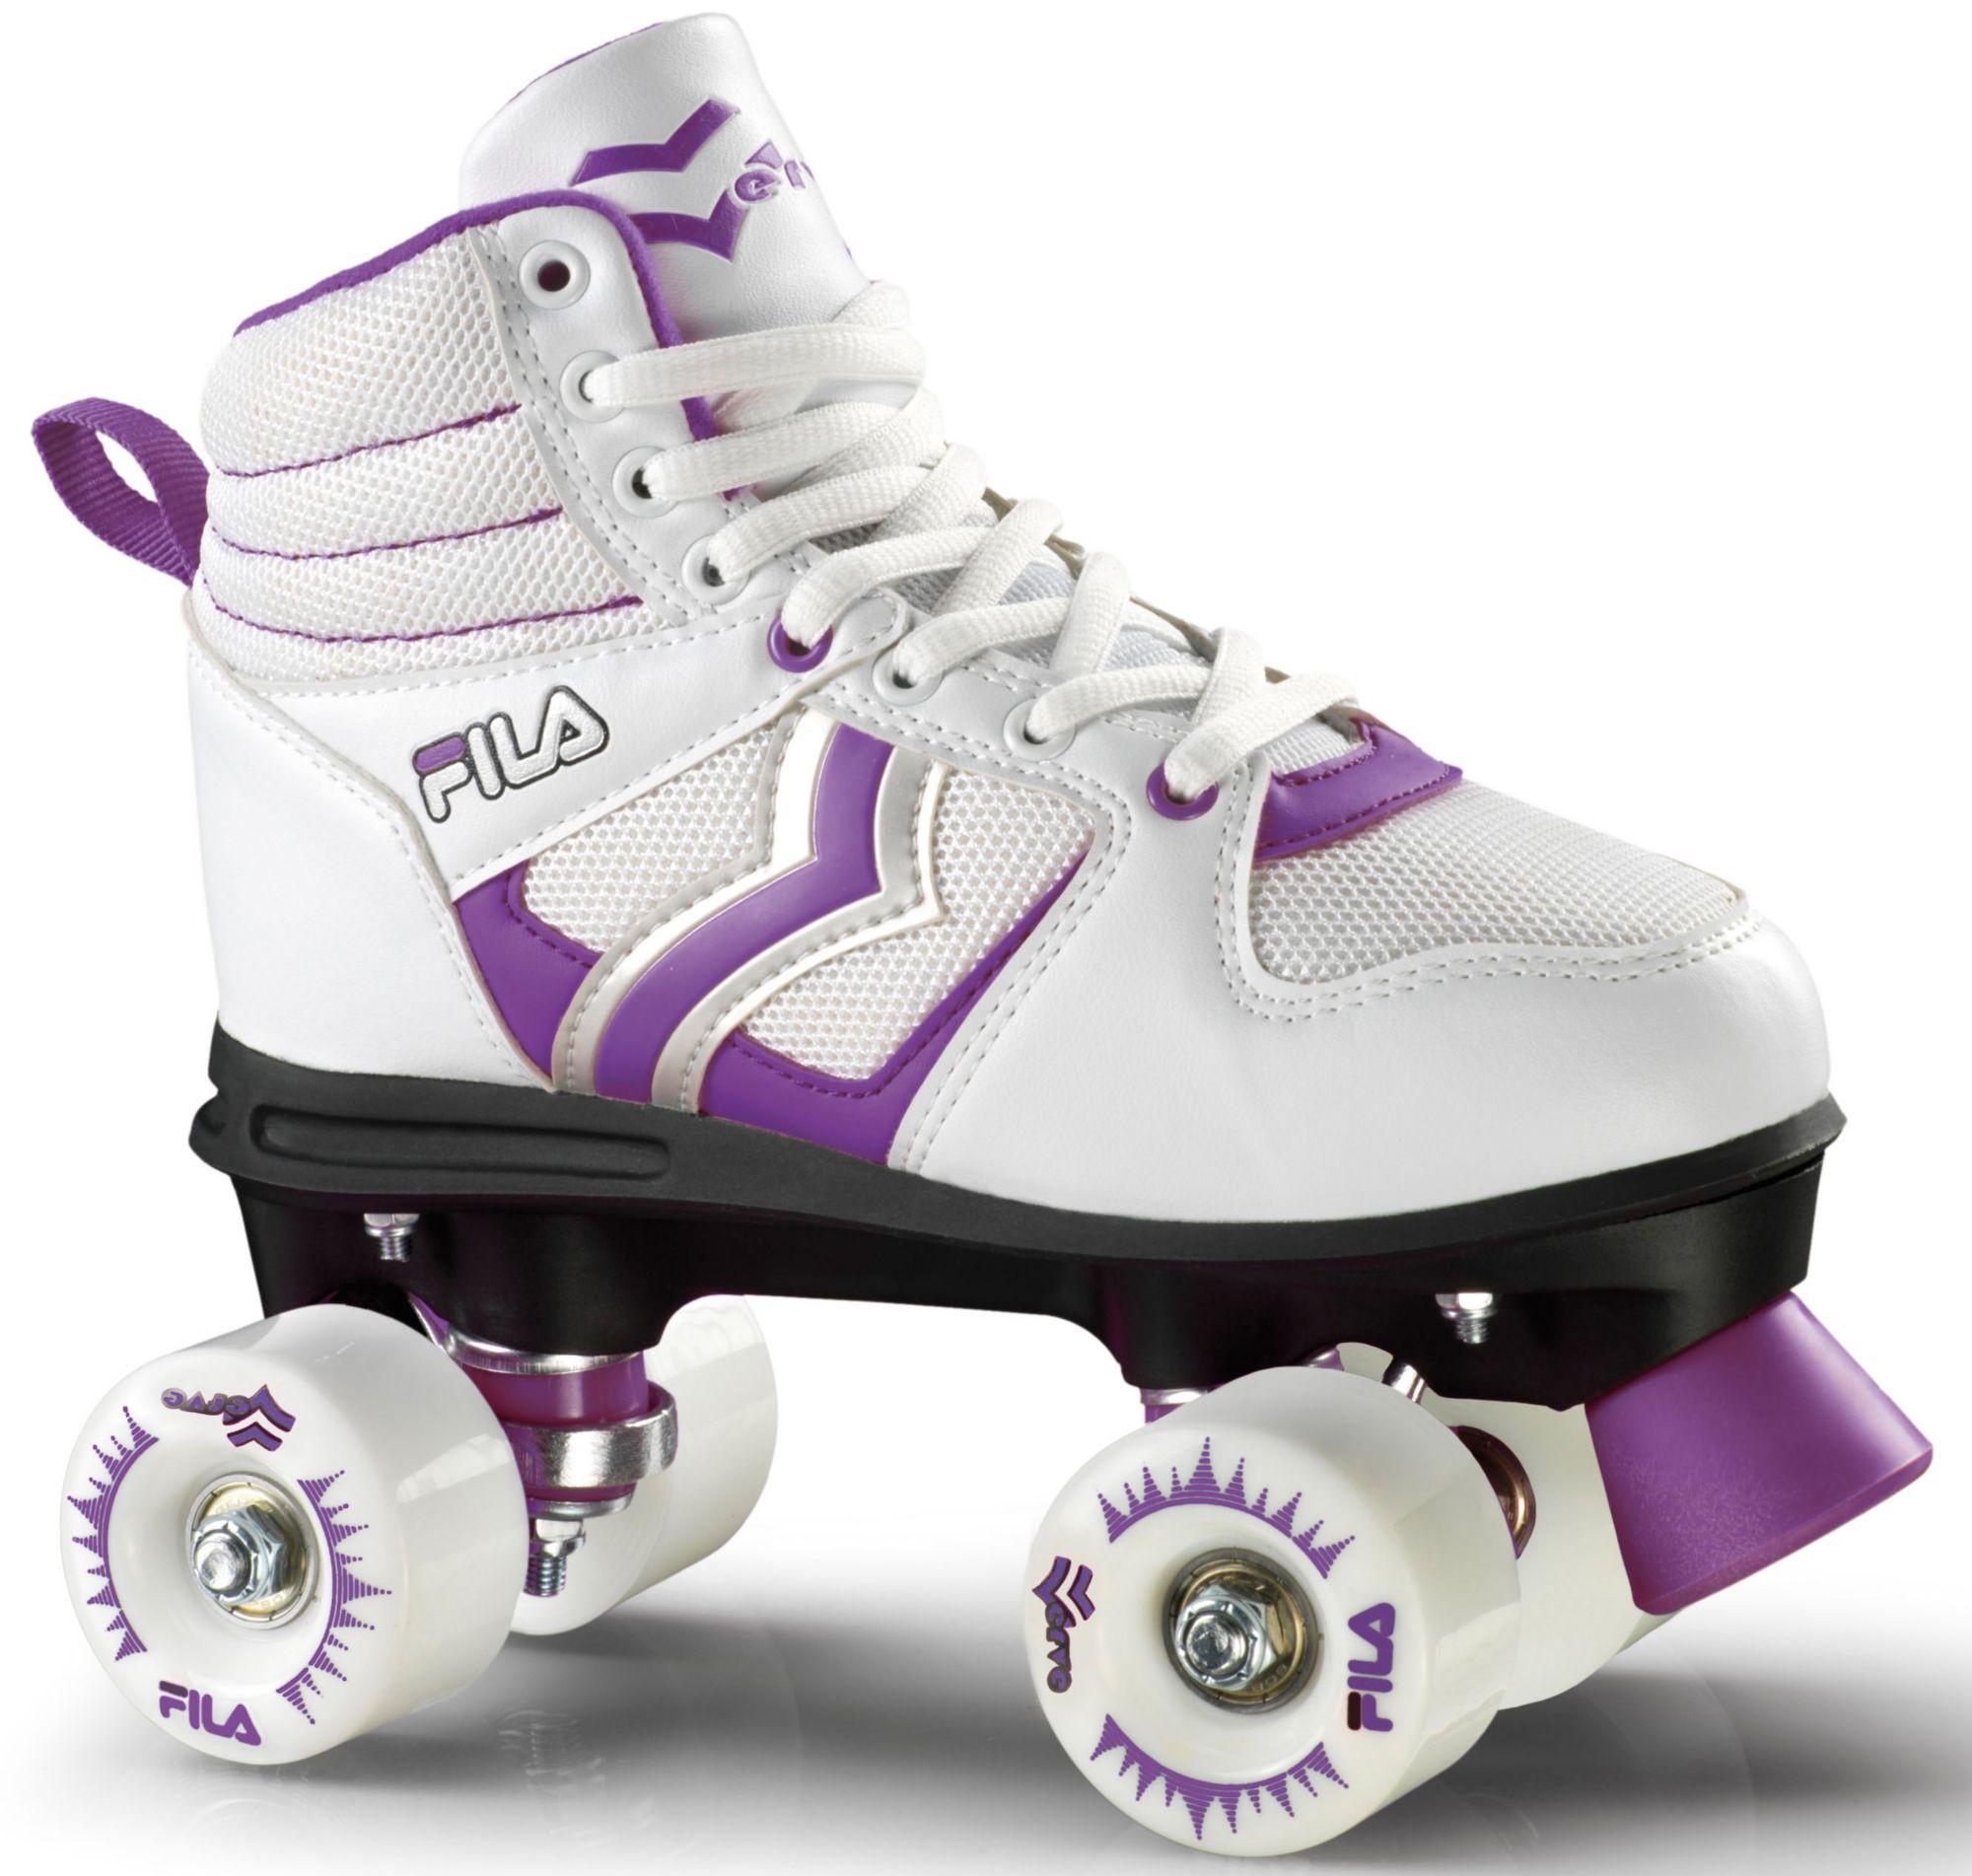 FILA Fila Roller Skates weiß/lila, »Verve Lady«